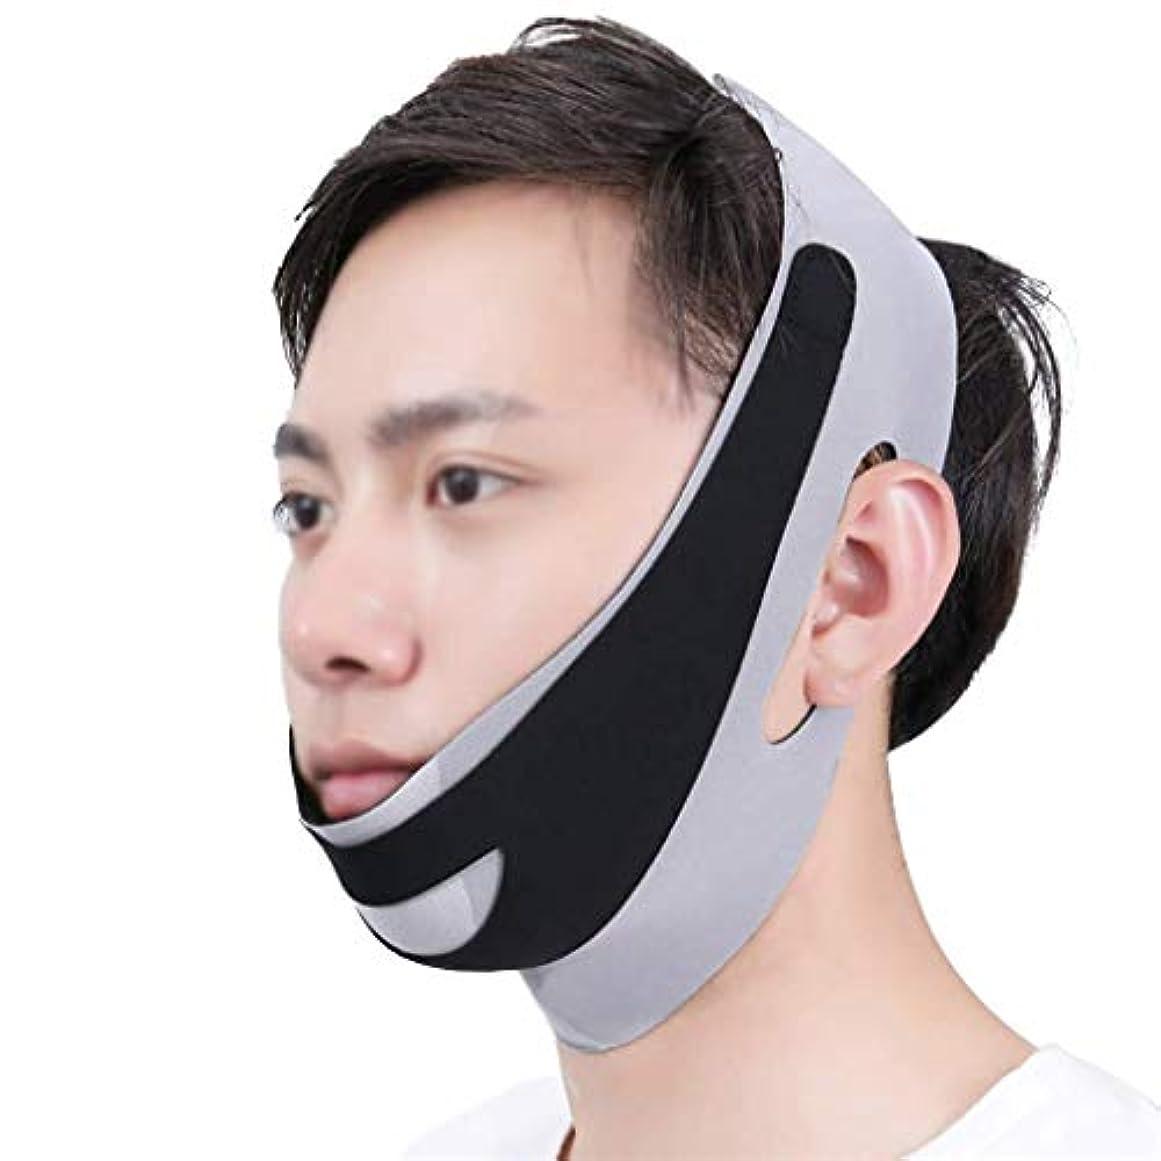 絶望添付ばかげた顔と首のリフト術後の弾性フェイスマスク小さなV顔アーティファクト薄い顔包帯アーティファクトV顔ぶら下げ耳リフティング引き締め男性の顔アーティファクト